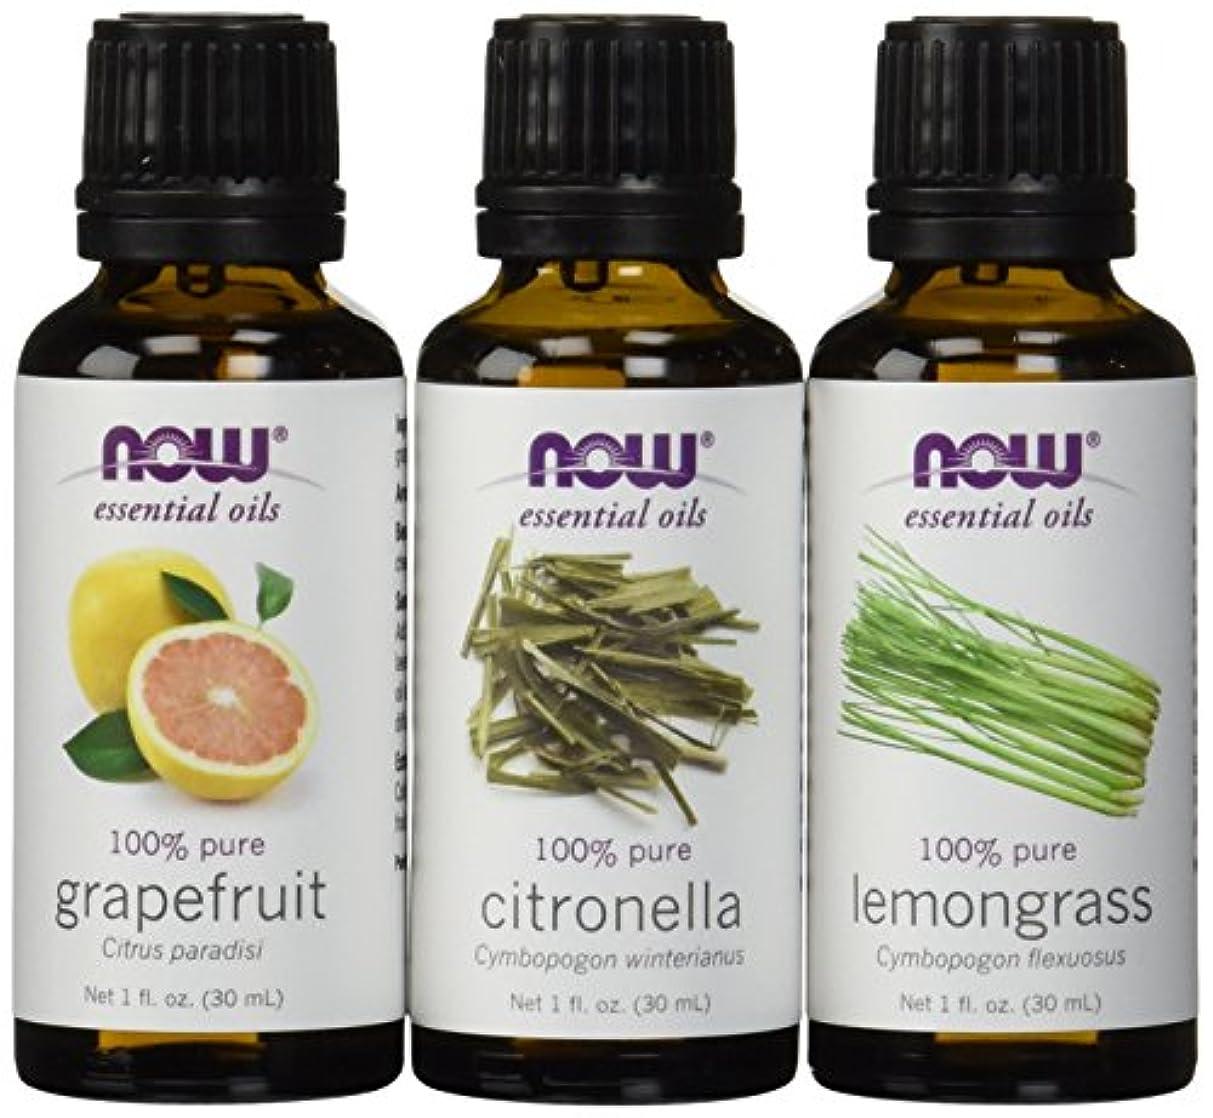 トライアスリートゴージャス広げる虫除けに ナウフーズ エッセンシャルオイルブレンド:シトロネラ?レモングラス?グレープフルーツ[各30ml] NOW Essential Oils: Mosquito Repellent Blend - Citronella...